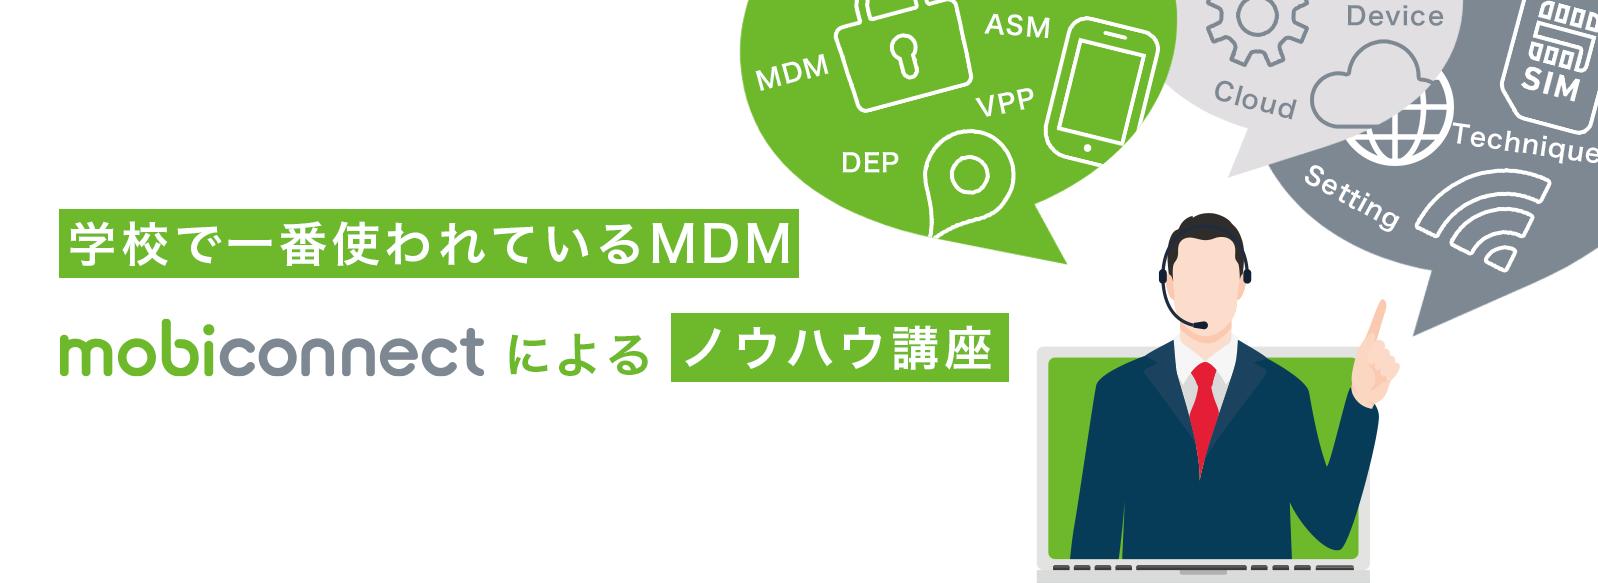 mobiconnect GIGAスクール構想におけるMDMの活用